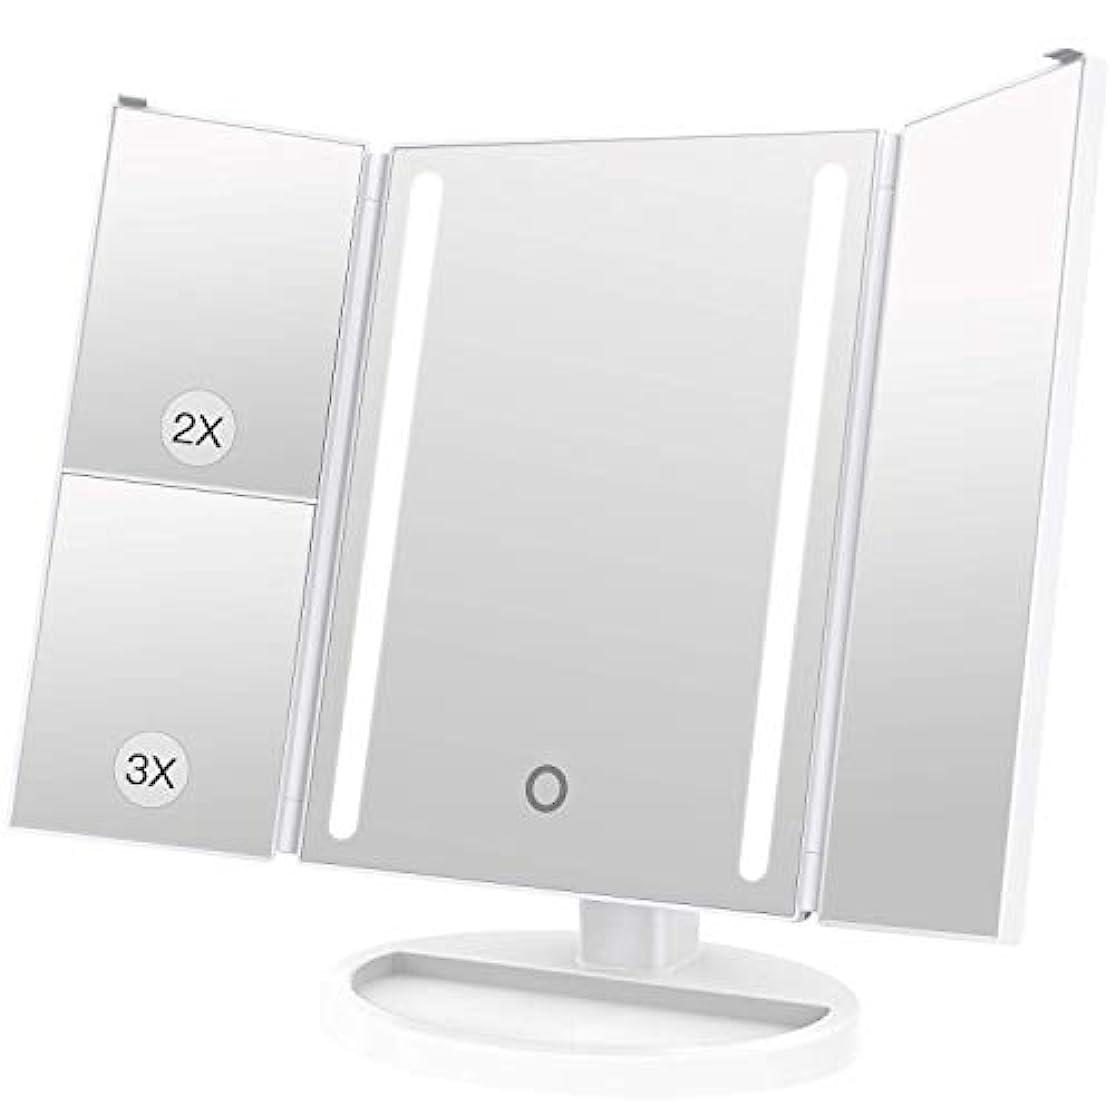 干渉する招待関連するLEEPWEI 化粧鏡 LED 三面鏡 2&3倍拡大鏡付き 明るさ調節可能 180度回転 USB/単三電池給電 (ホワイト)